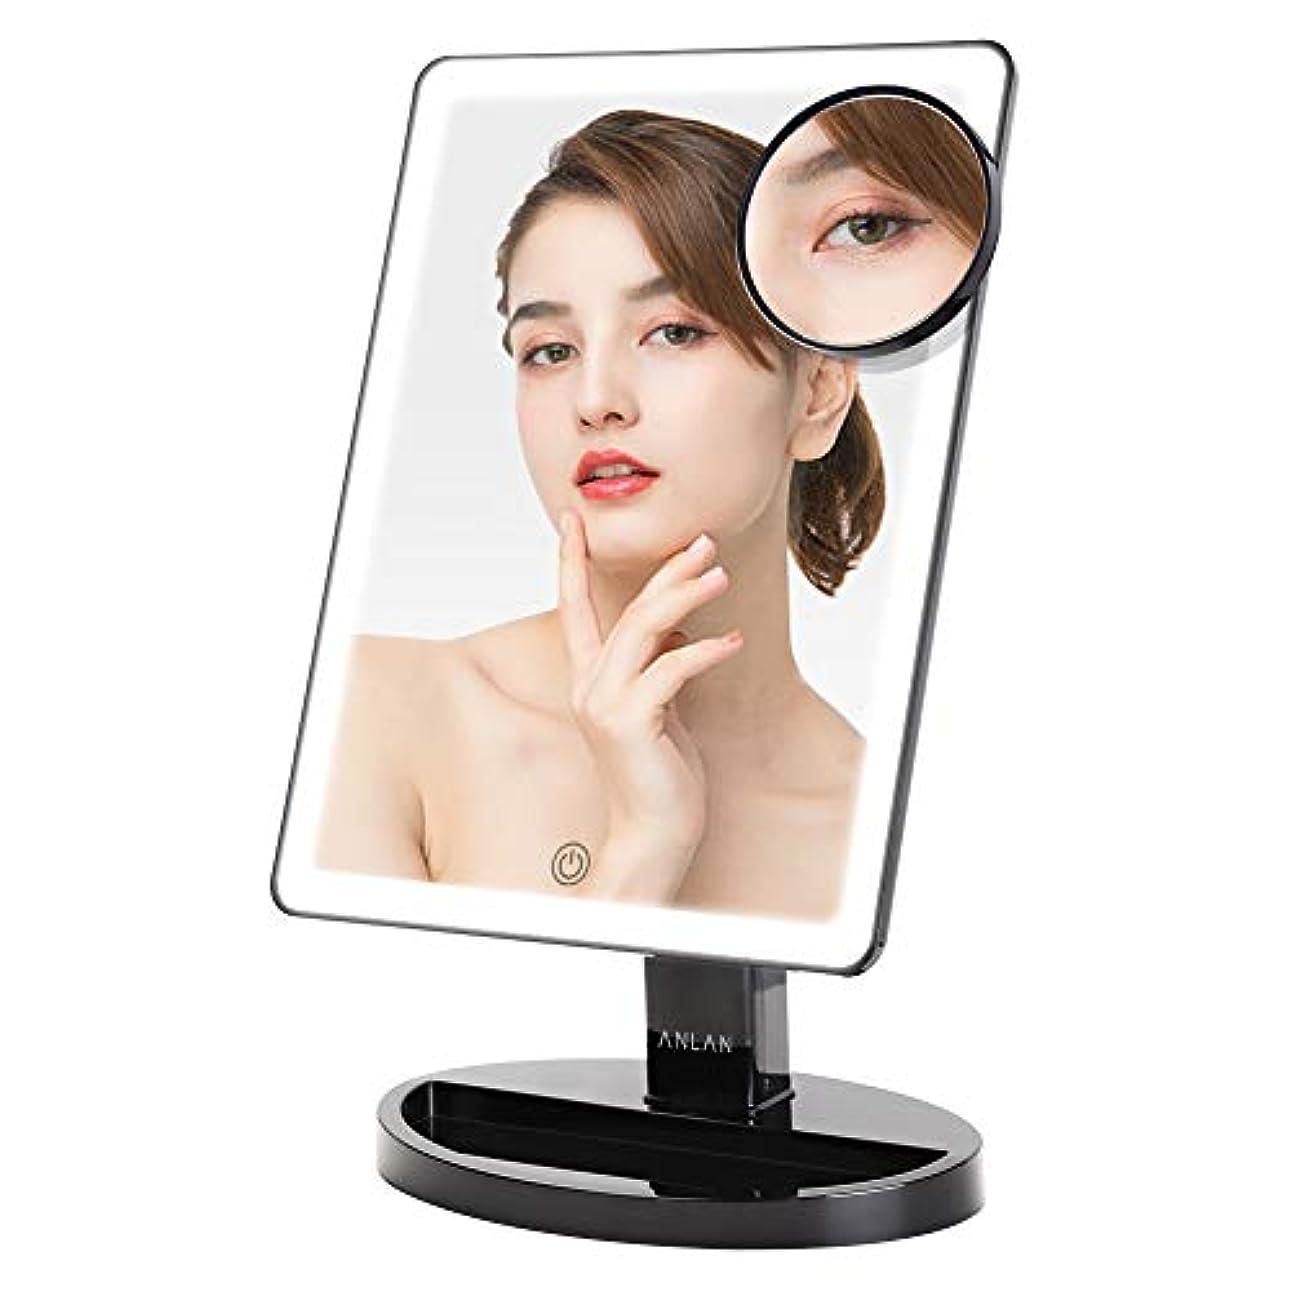 混合アピール悲鳴卓上鏡 LED化粧鏡 ANLAN 女優ミラー 10倍拡大鏡付き スタンド 明るさ調節可能 360°回転式 前後180°無階段調整 USB/単三電池給電